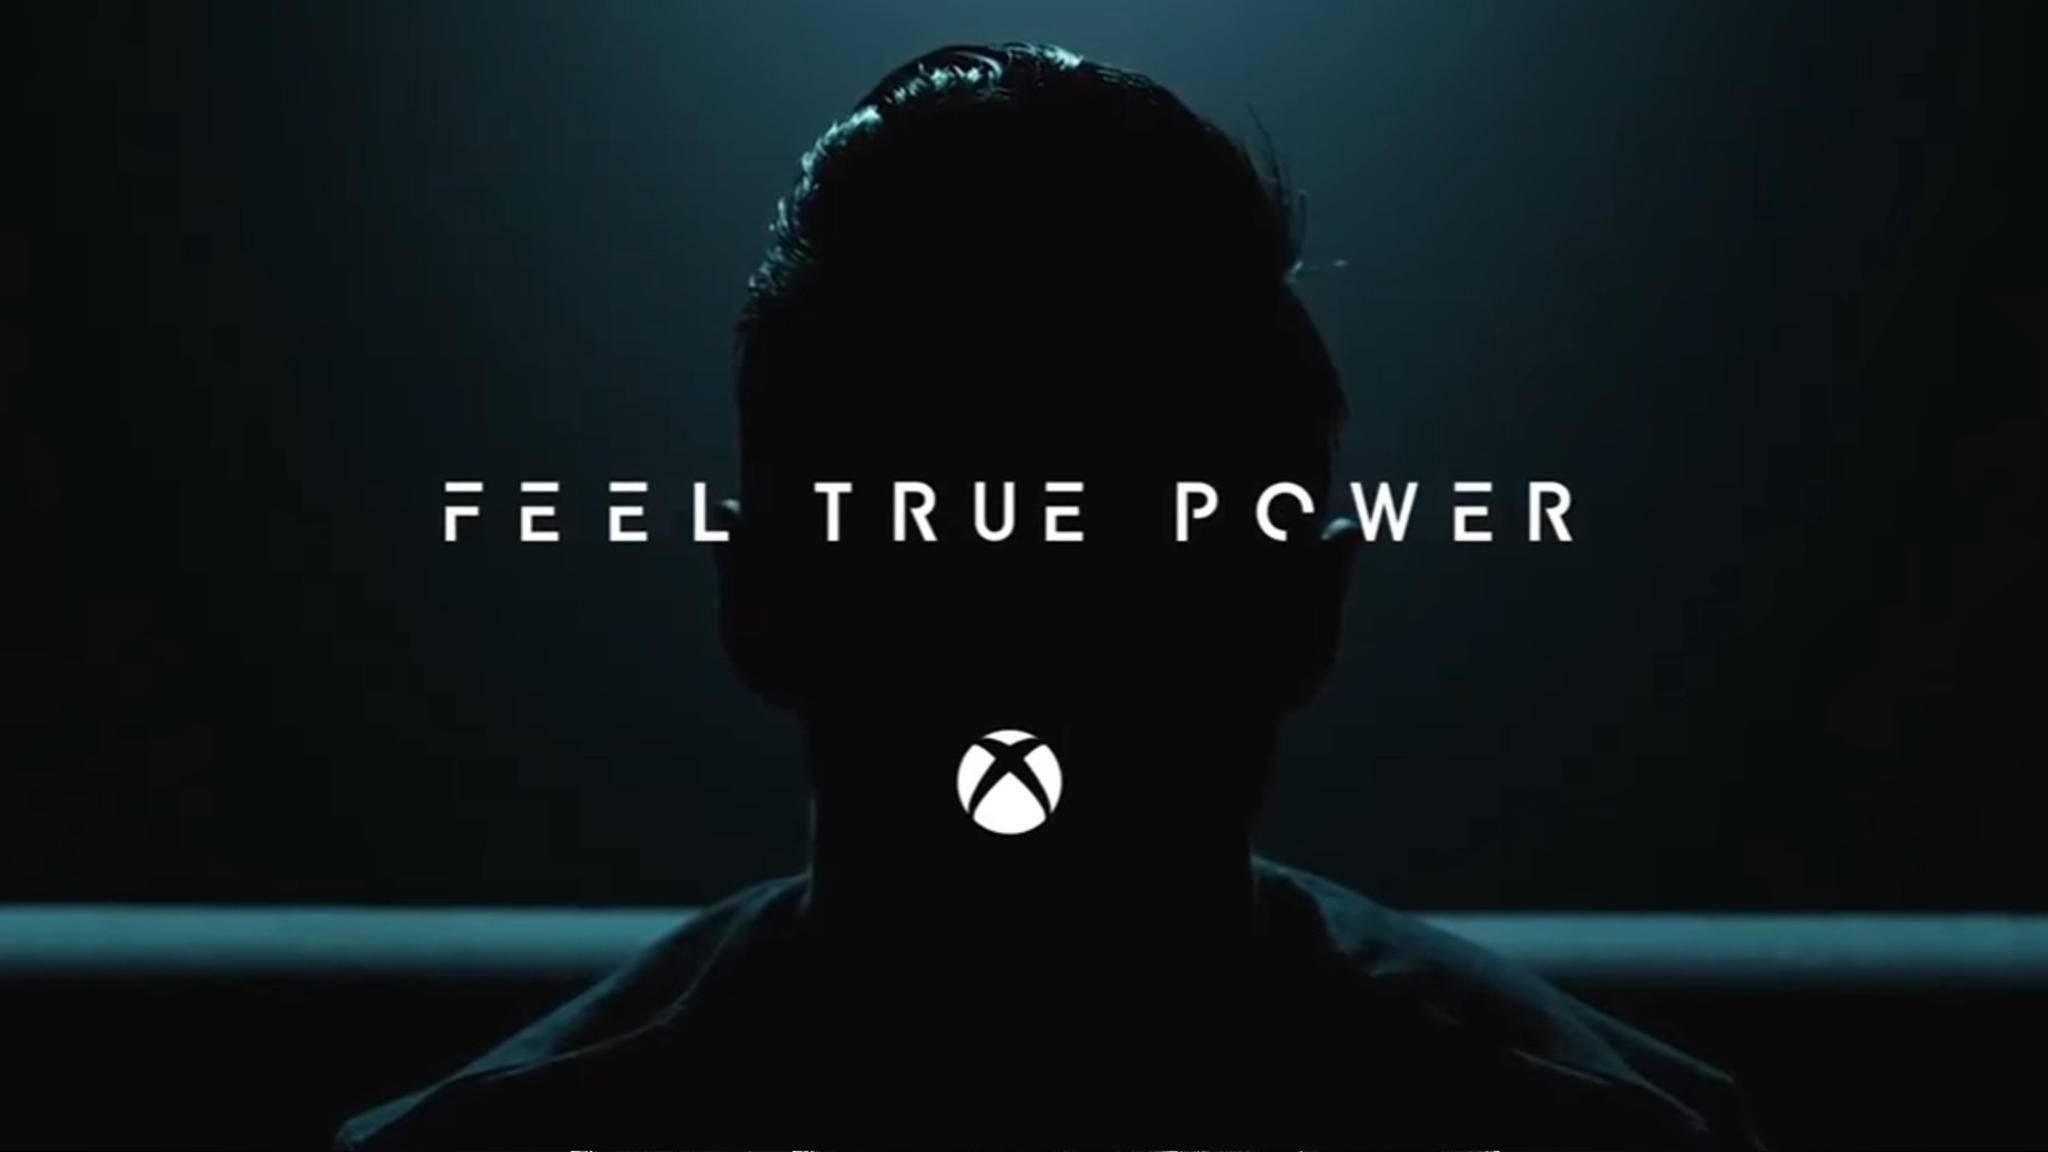 Welche Geheimnisse stecken in Microsofts Teaser-Videos?